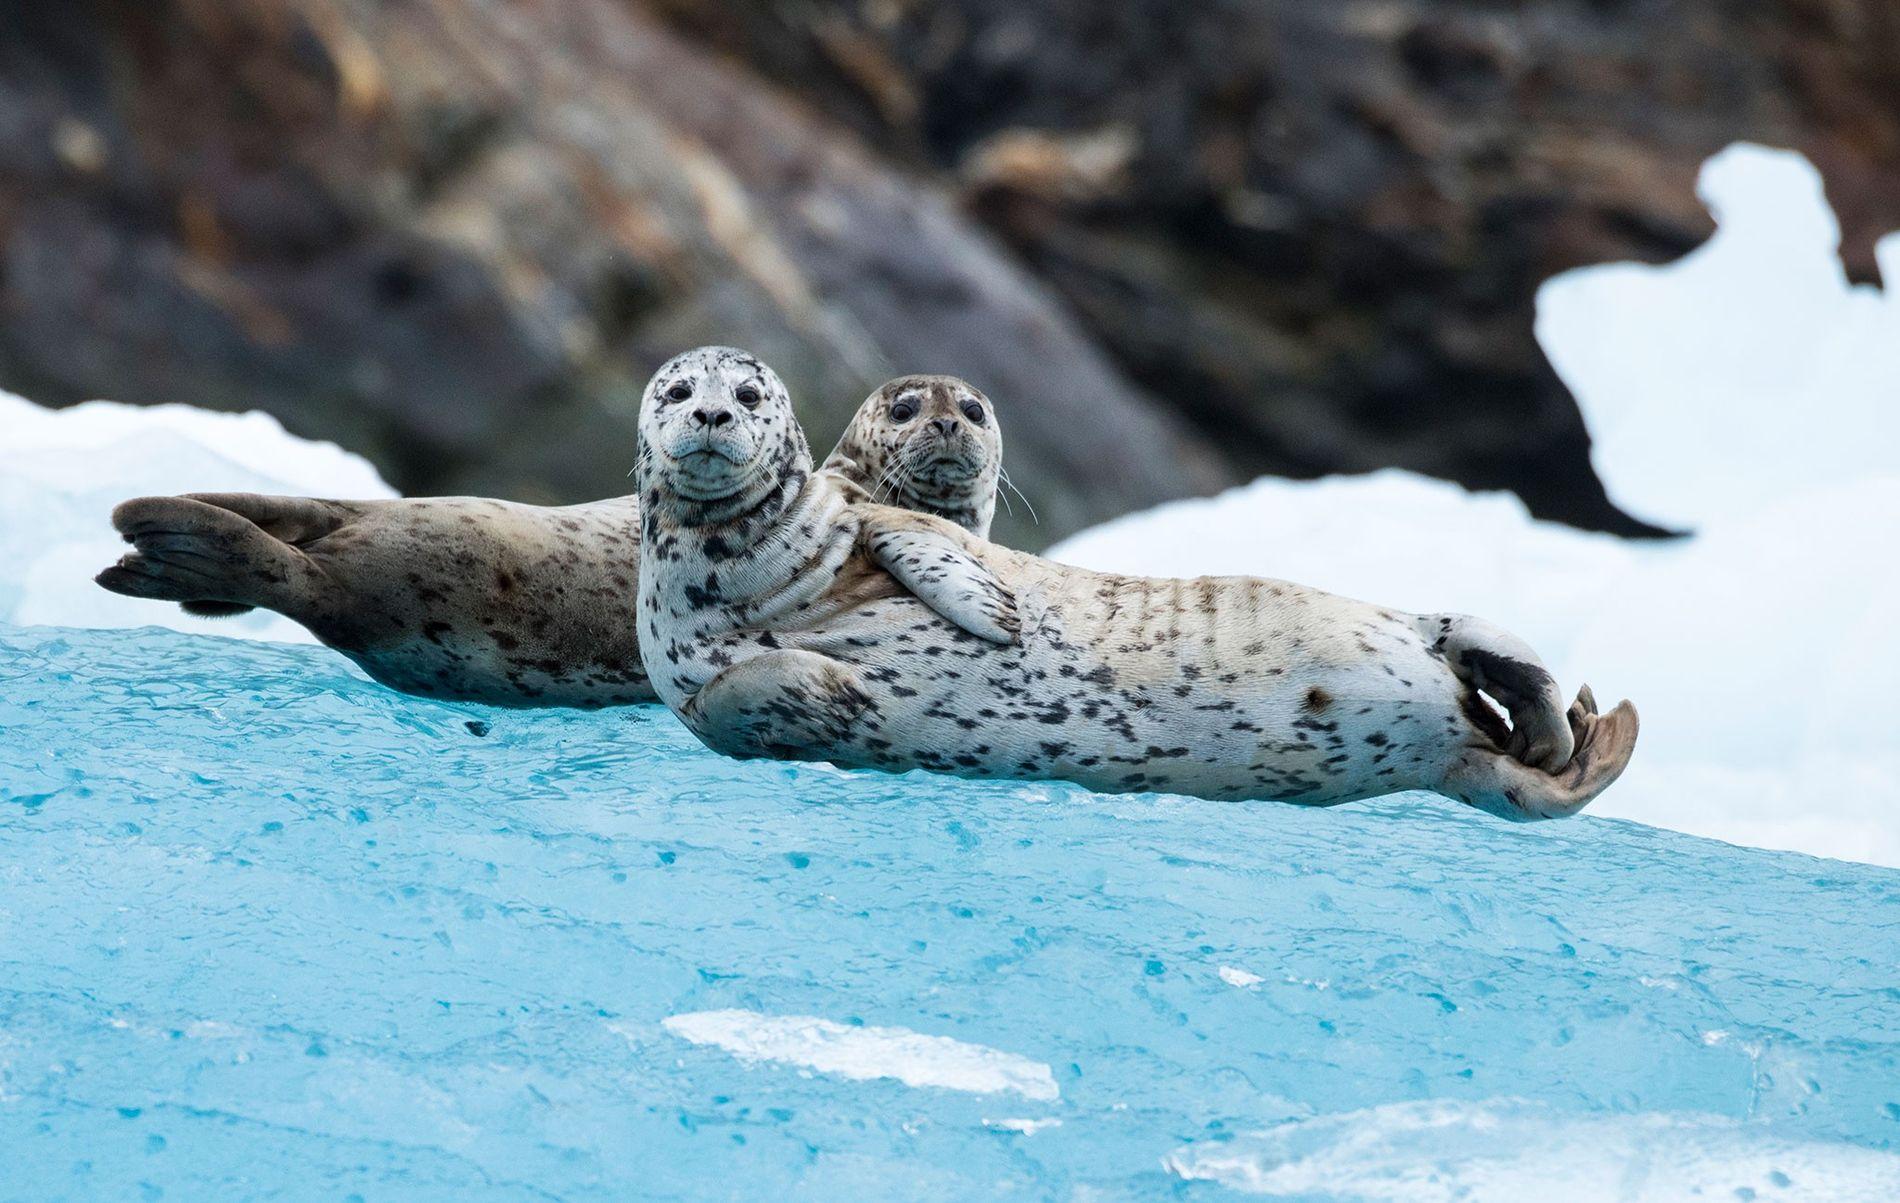 Diese beiden neugierigen Seehunde wurden am South Sawyer-Gletscher in Alaska aufgenommen. Seehunde sind die ersten Meeressäuger, ...